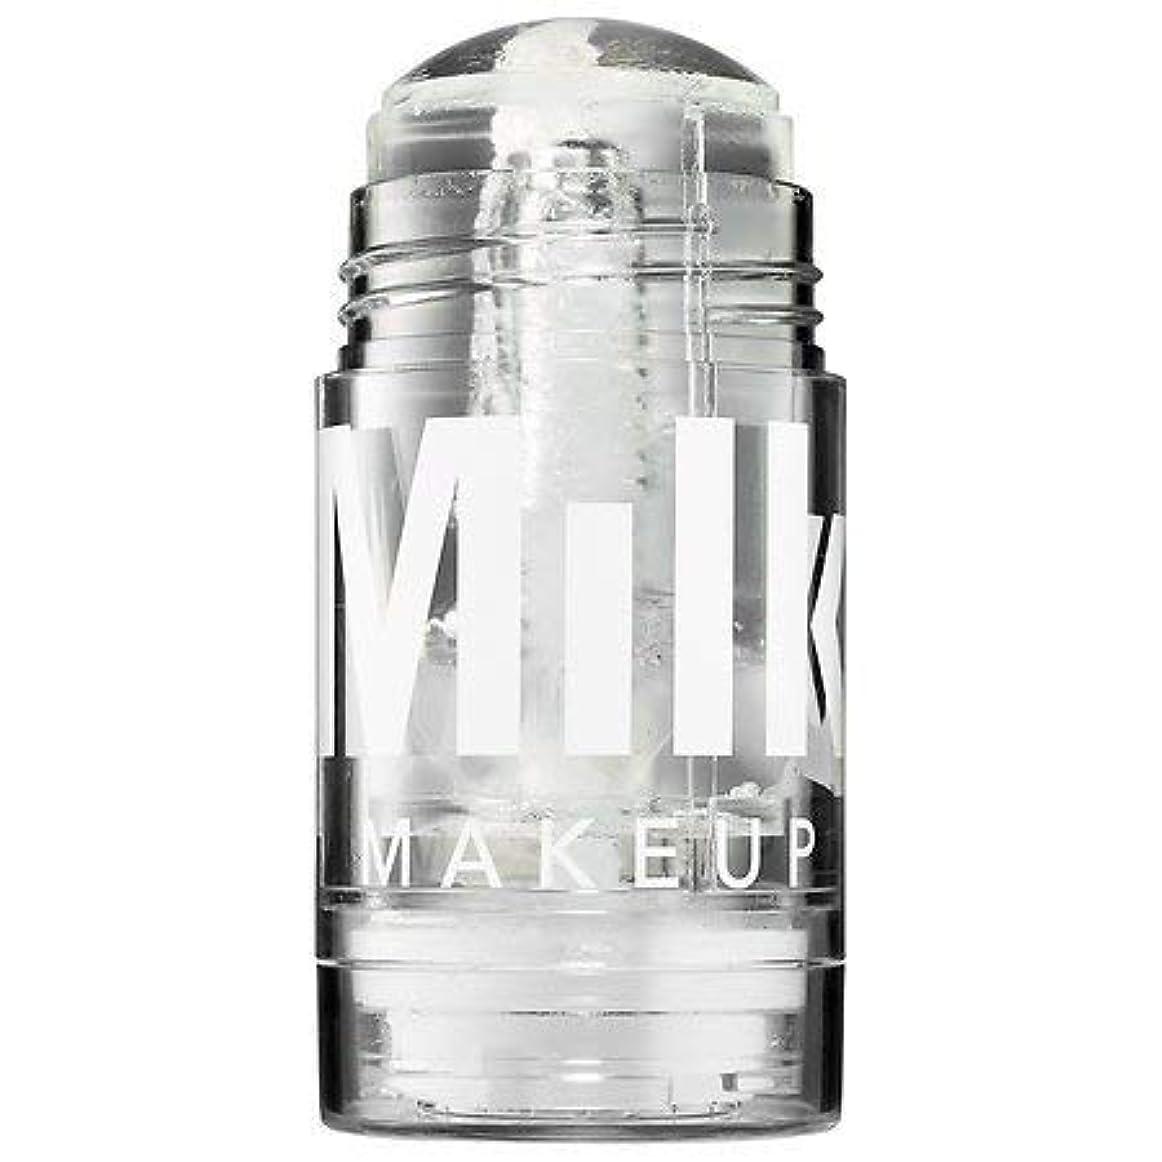 拡声器障害者既にMilk Makeup ミルクメイクアップ ハイドレーティングオイル スティックオイル 並行輸入品